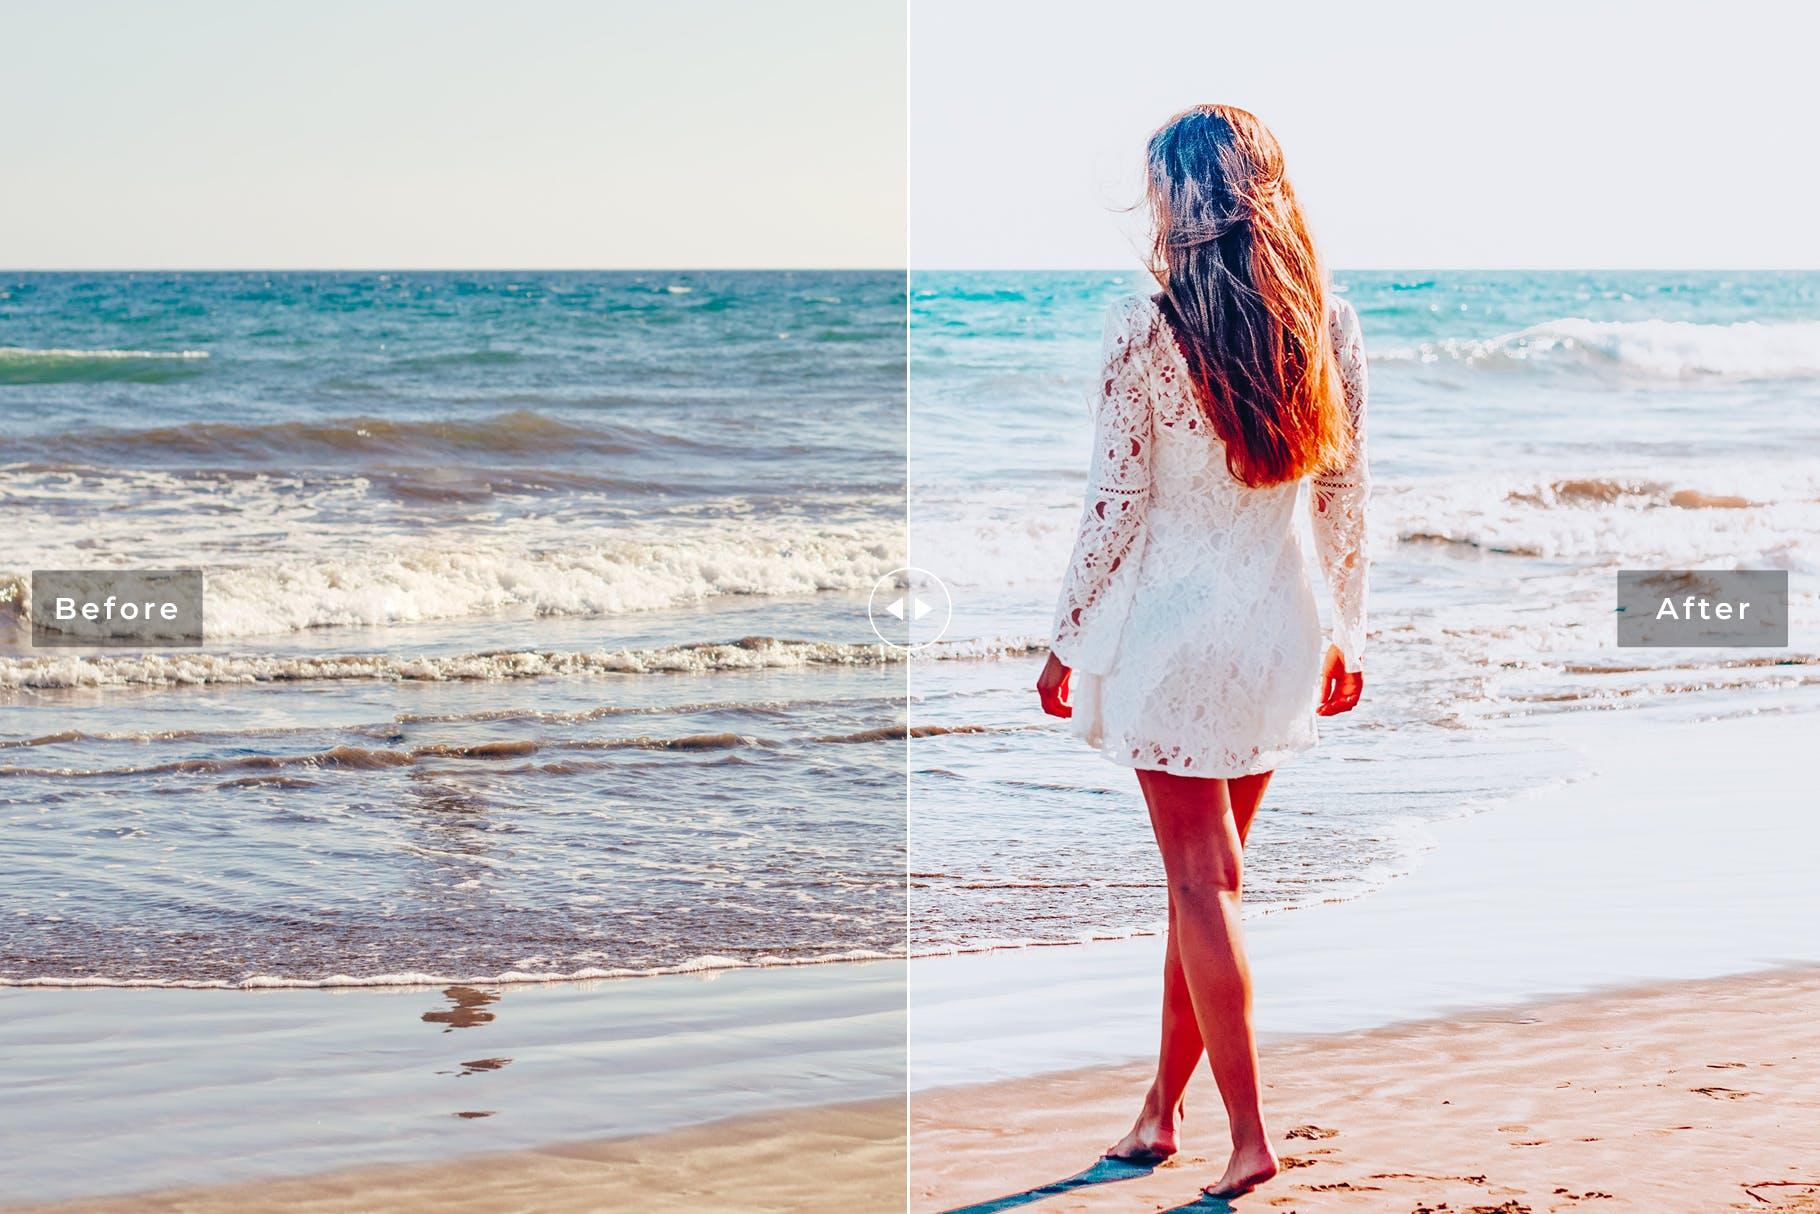 沙滩摄影后期调色工具-LR海滩摄影预设 Sea Salt Mobile & Desktop Lightroom Presets设计素材模板